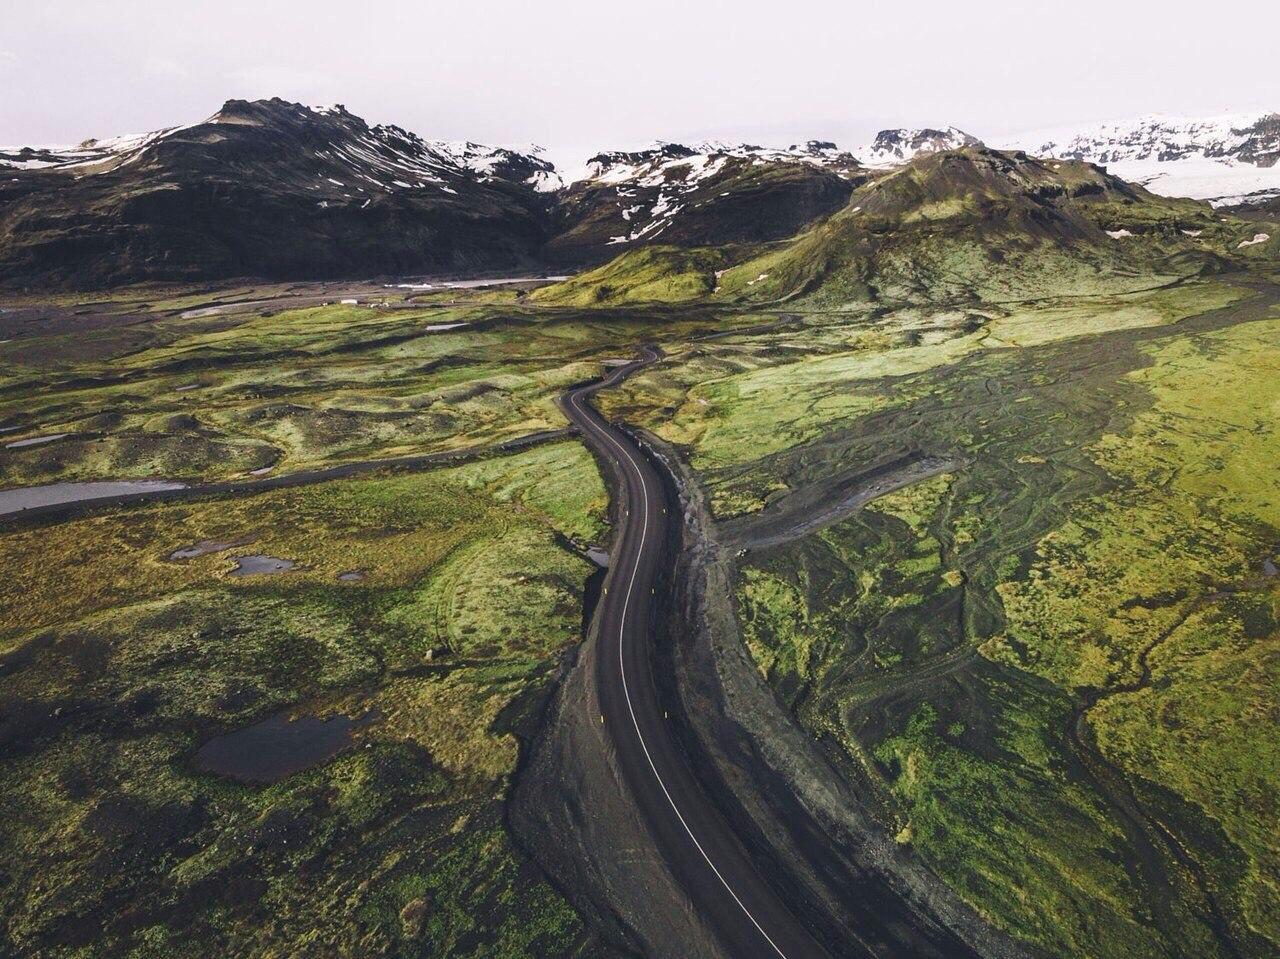 Роскошные пейзажи Норвегии - Страница 4 5UqkIG6Si0U